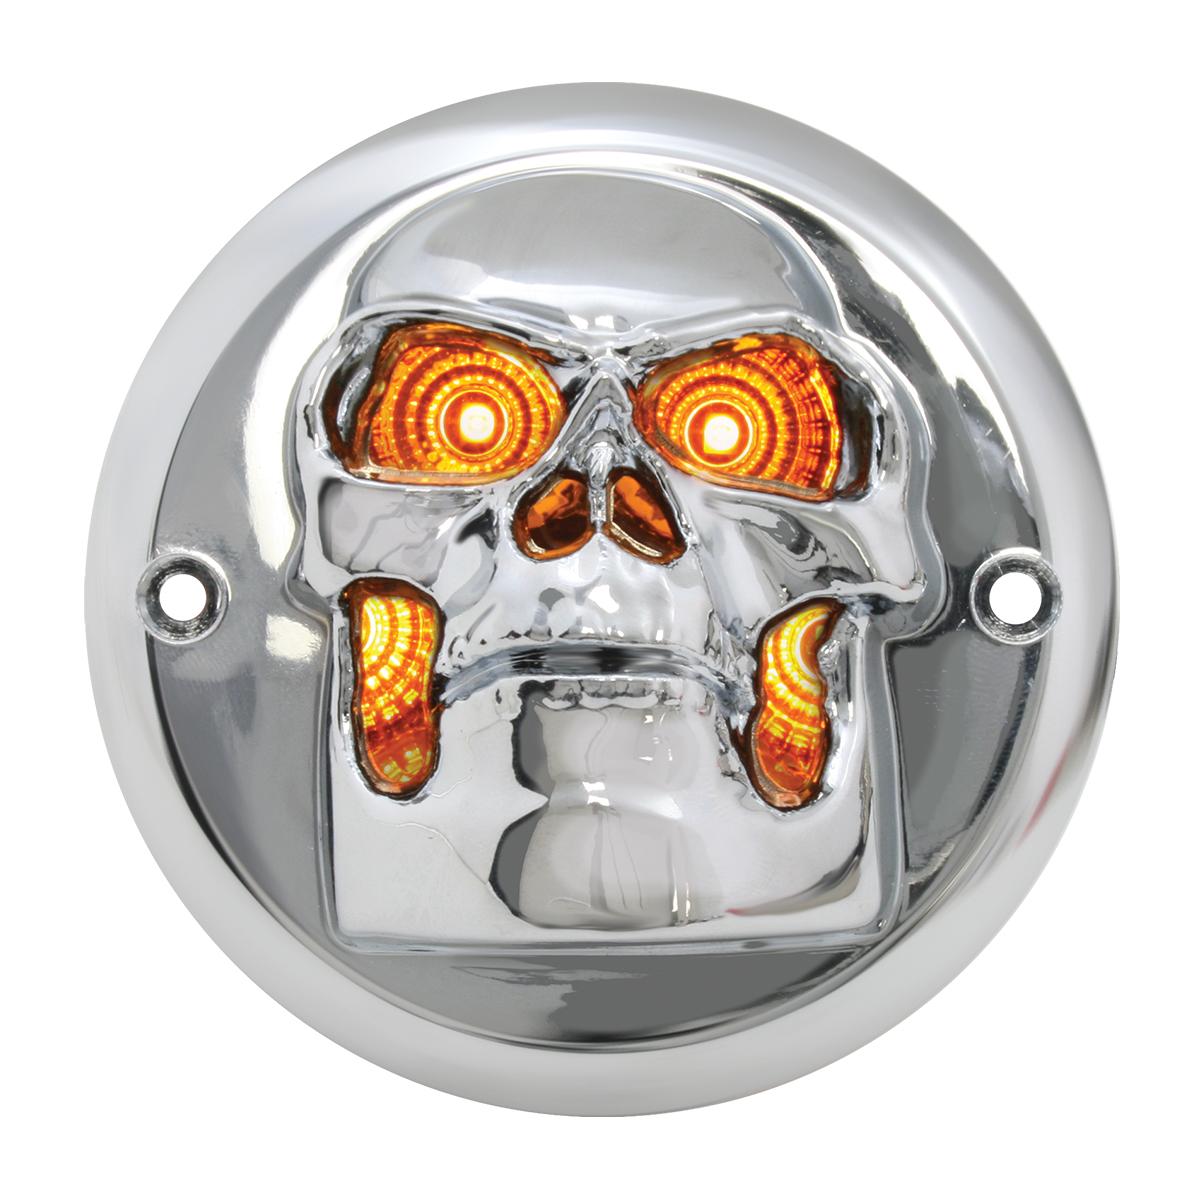 """78489 Chrome Plastic Skull Bezel for 2"""" Round Light (Light Not Included)"""